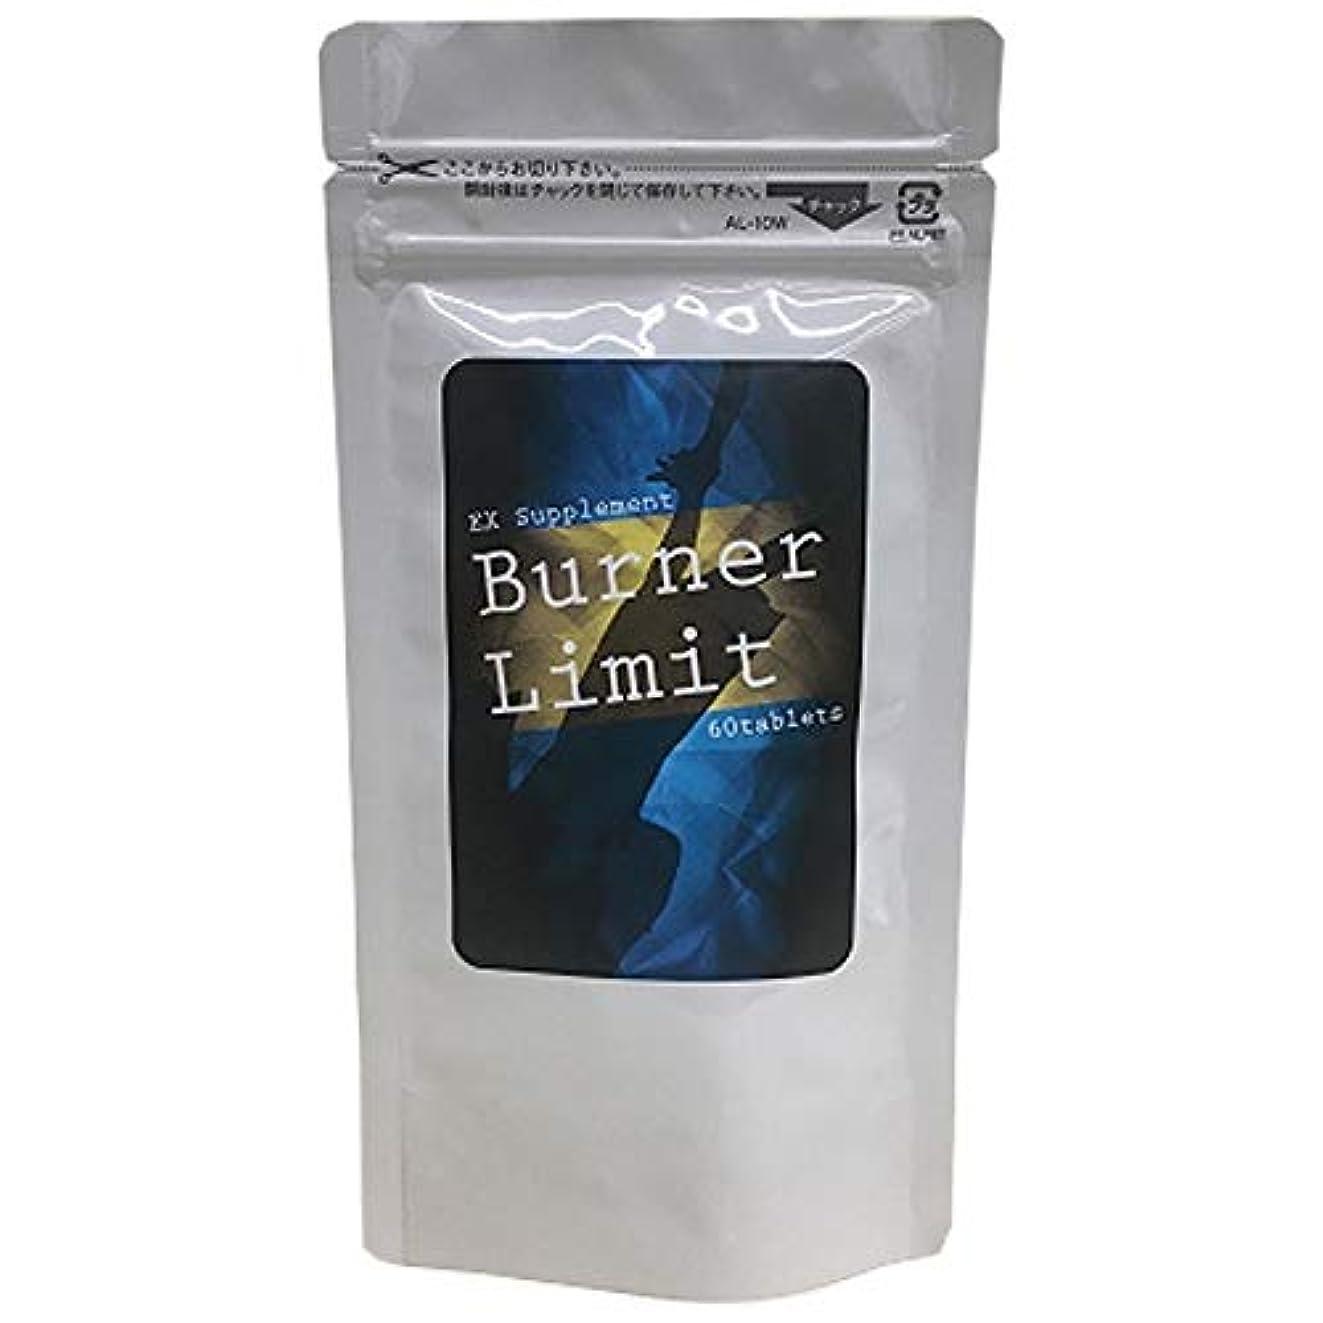 ビリーアウター疑い者バーナーリミット 60粒 約30日分 ダイエットサポート